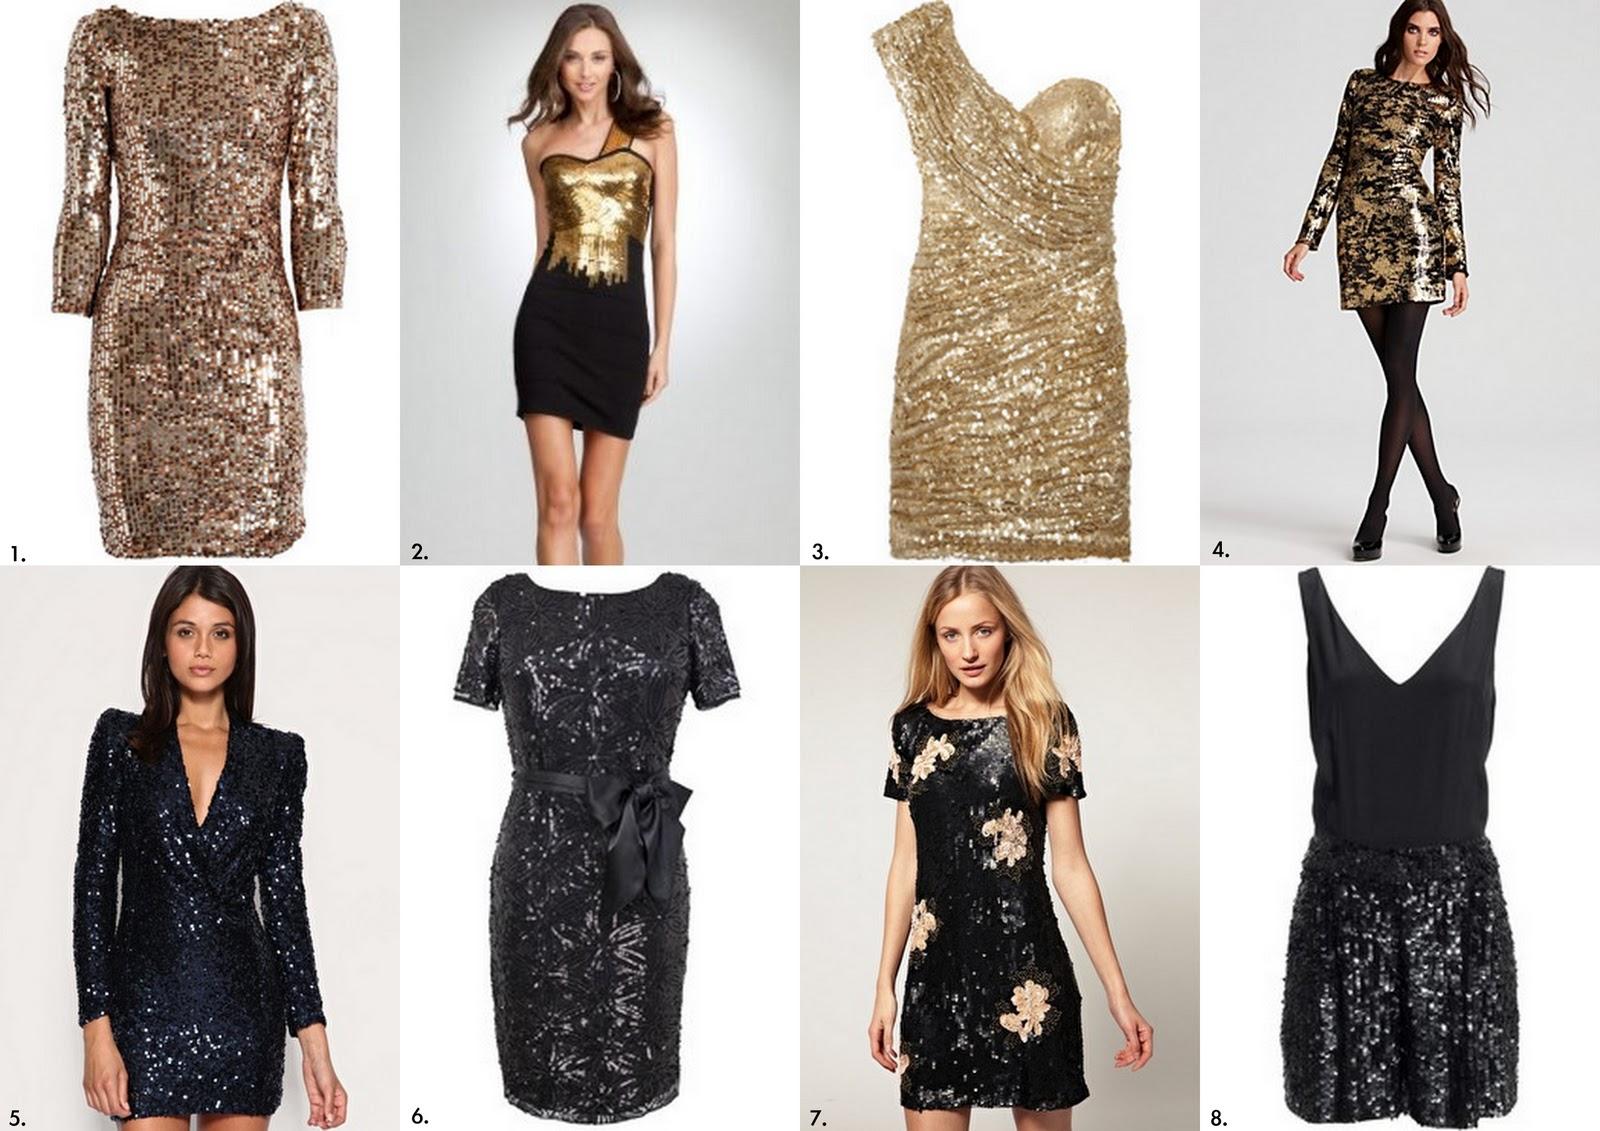 http://4.bp.blogspot.com/-yD1g8dVcaGM/Tp3gusnGLPI/AAAAAAAABnA/HLKzI8-Am30/s1600/gg+dresses.jpg